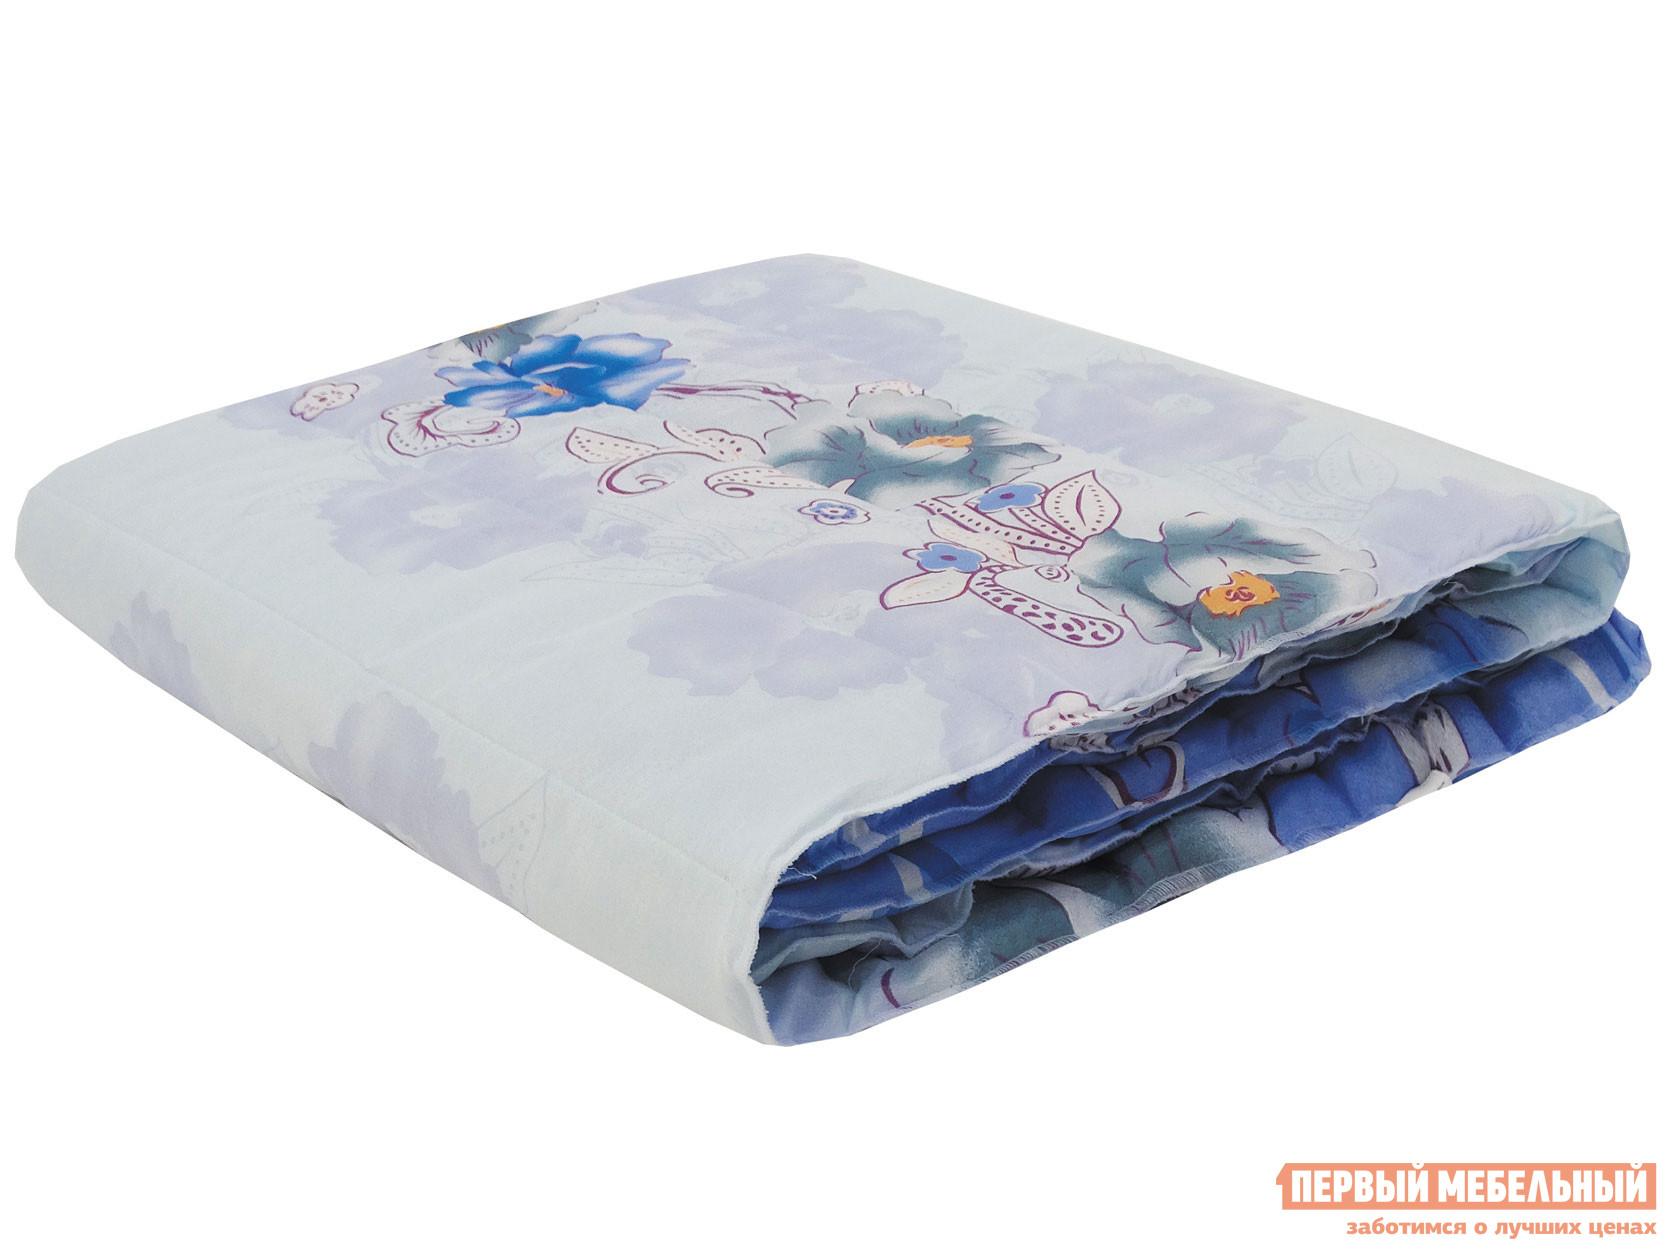 Одеяло Первый Мебельный Одеяло полиэстер/холлофайбер, 100г/м2 легкое